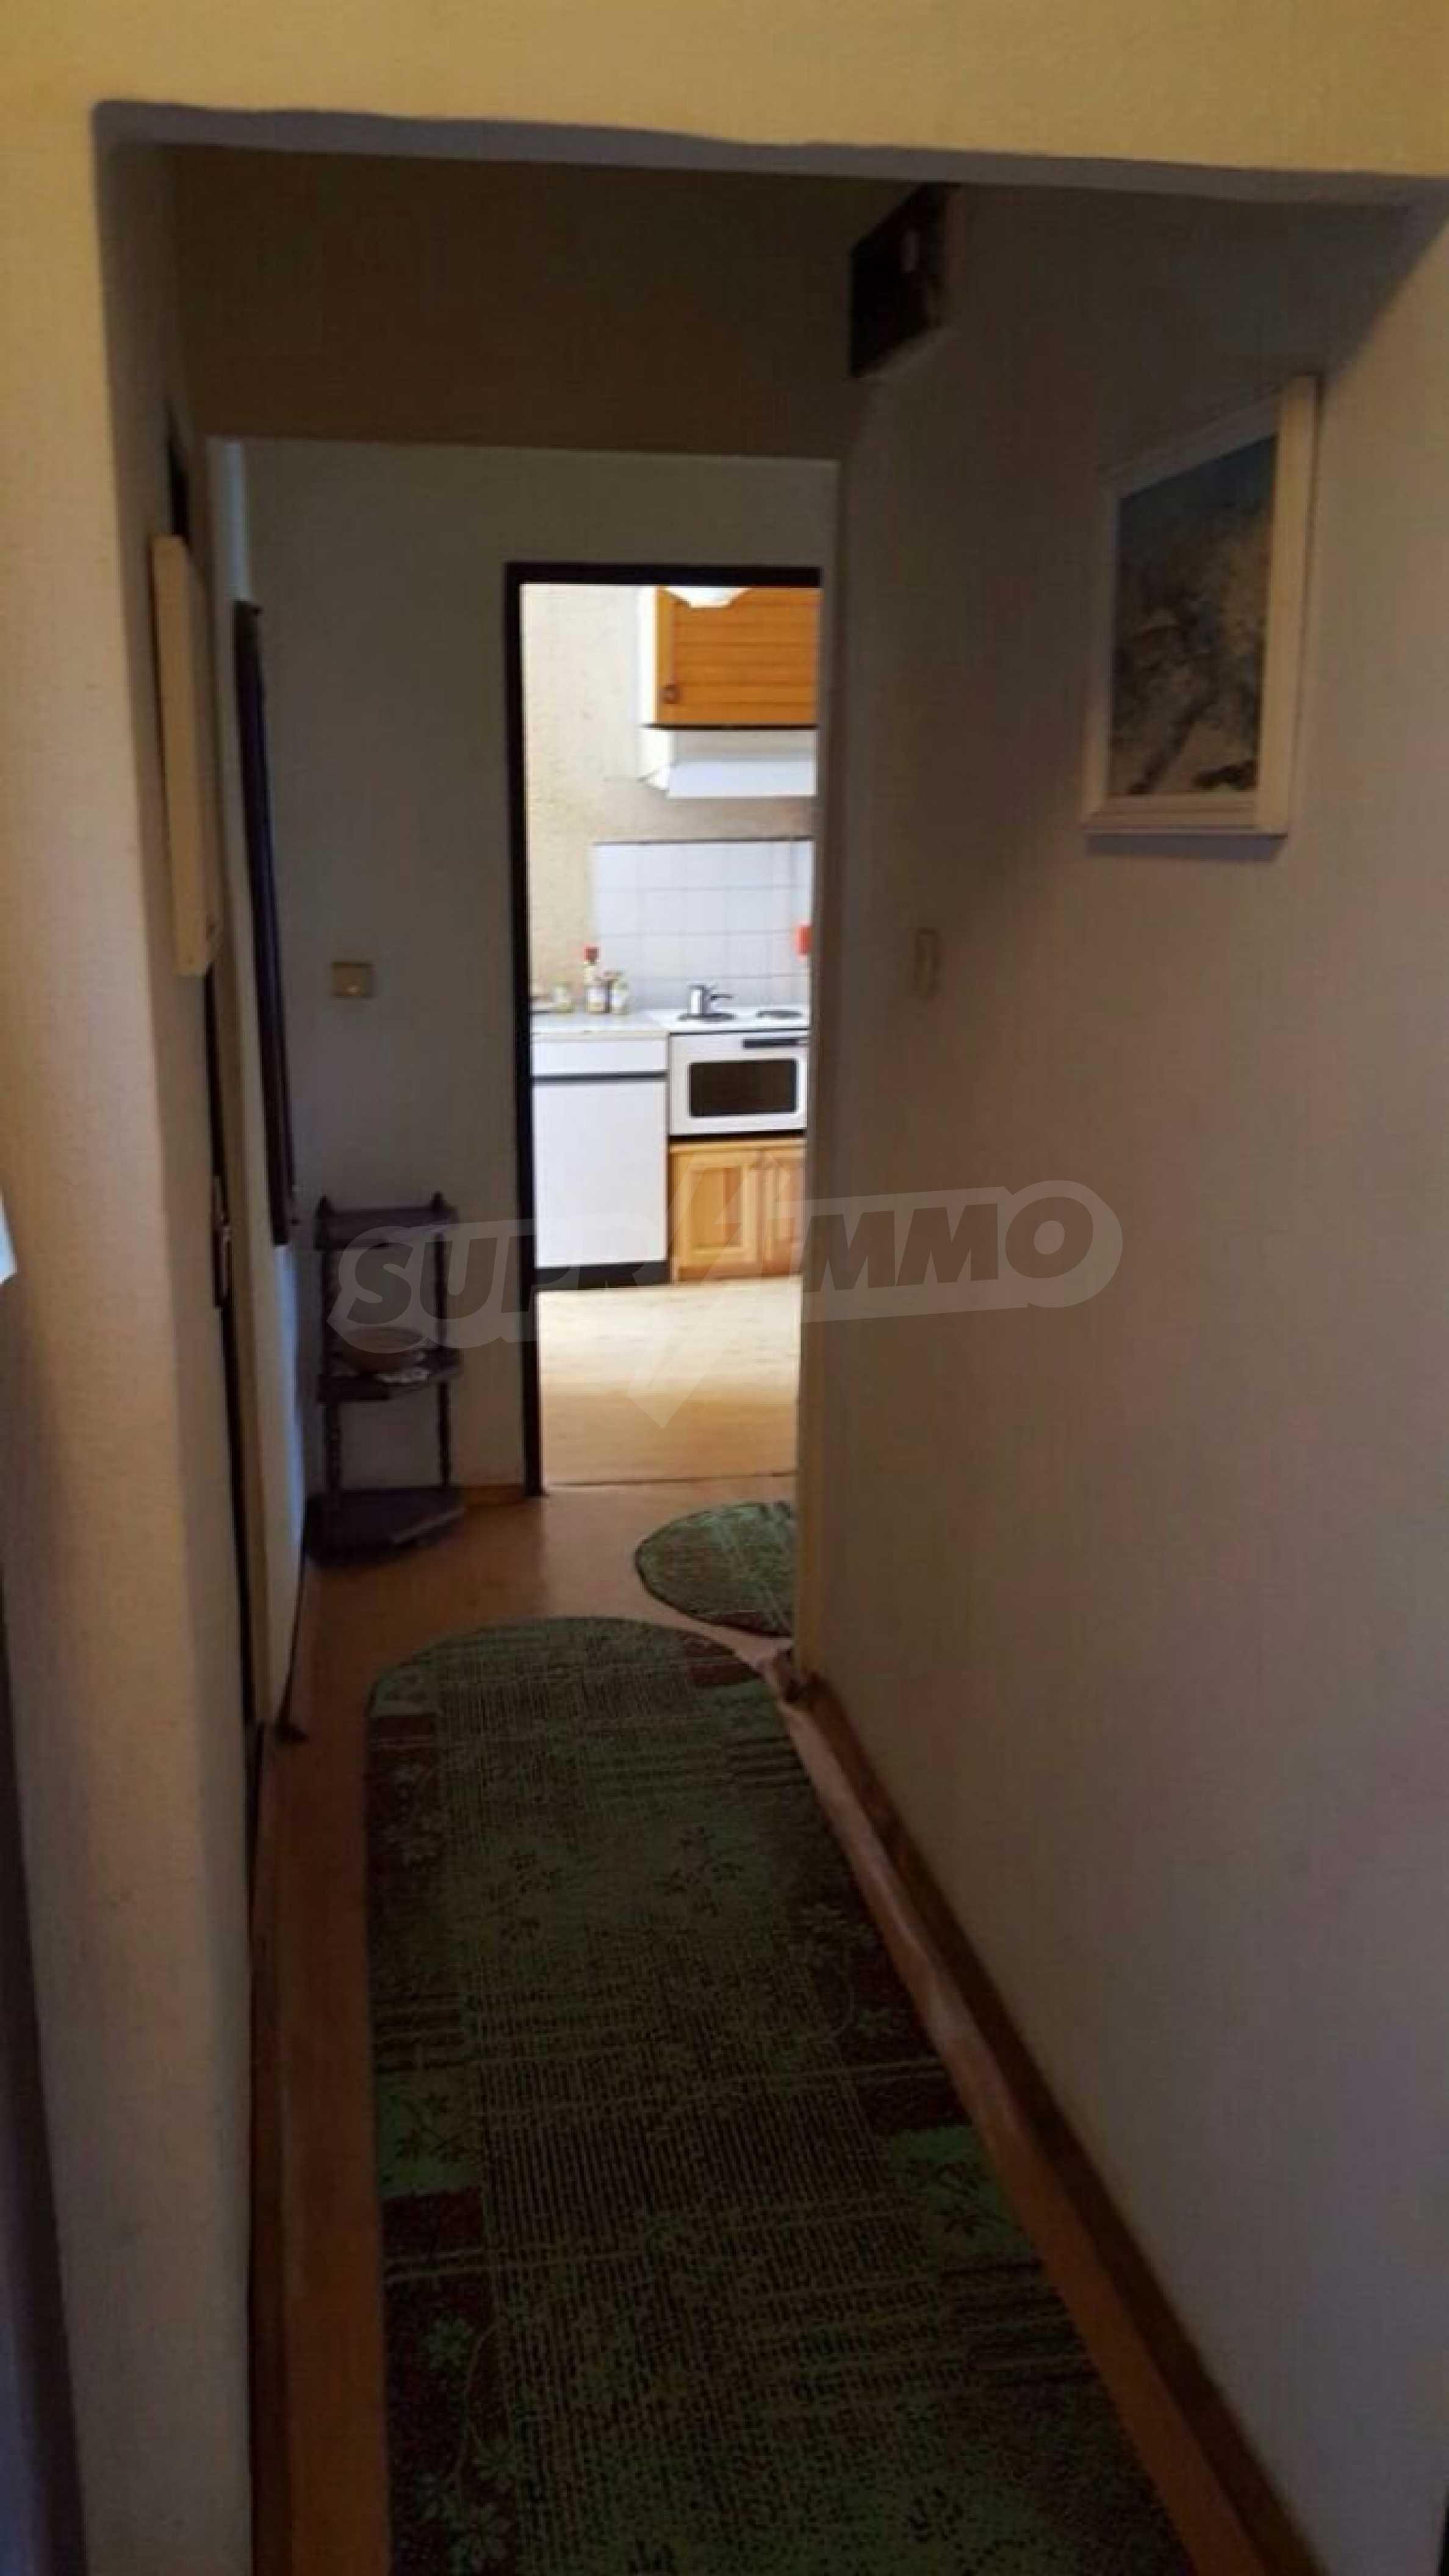 Двустаен апартамент с разширение в близост до центъра на град Видин 12